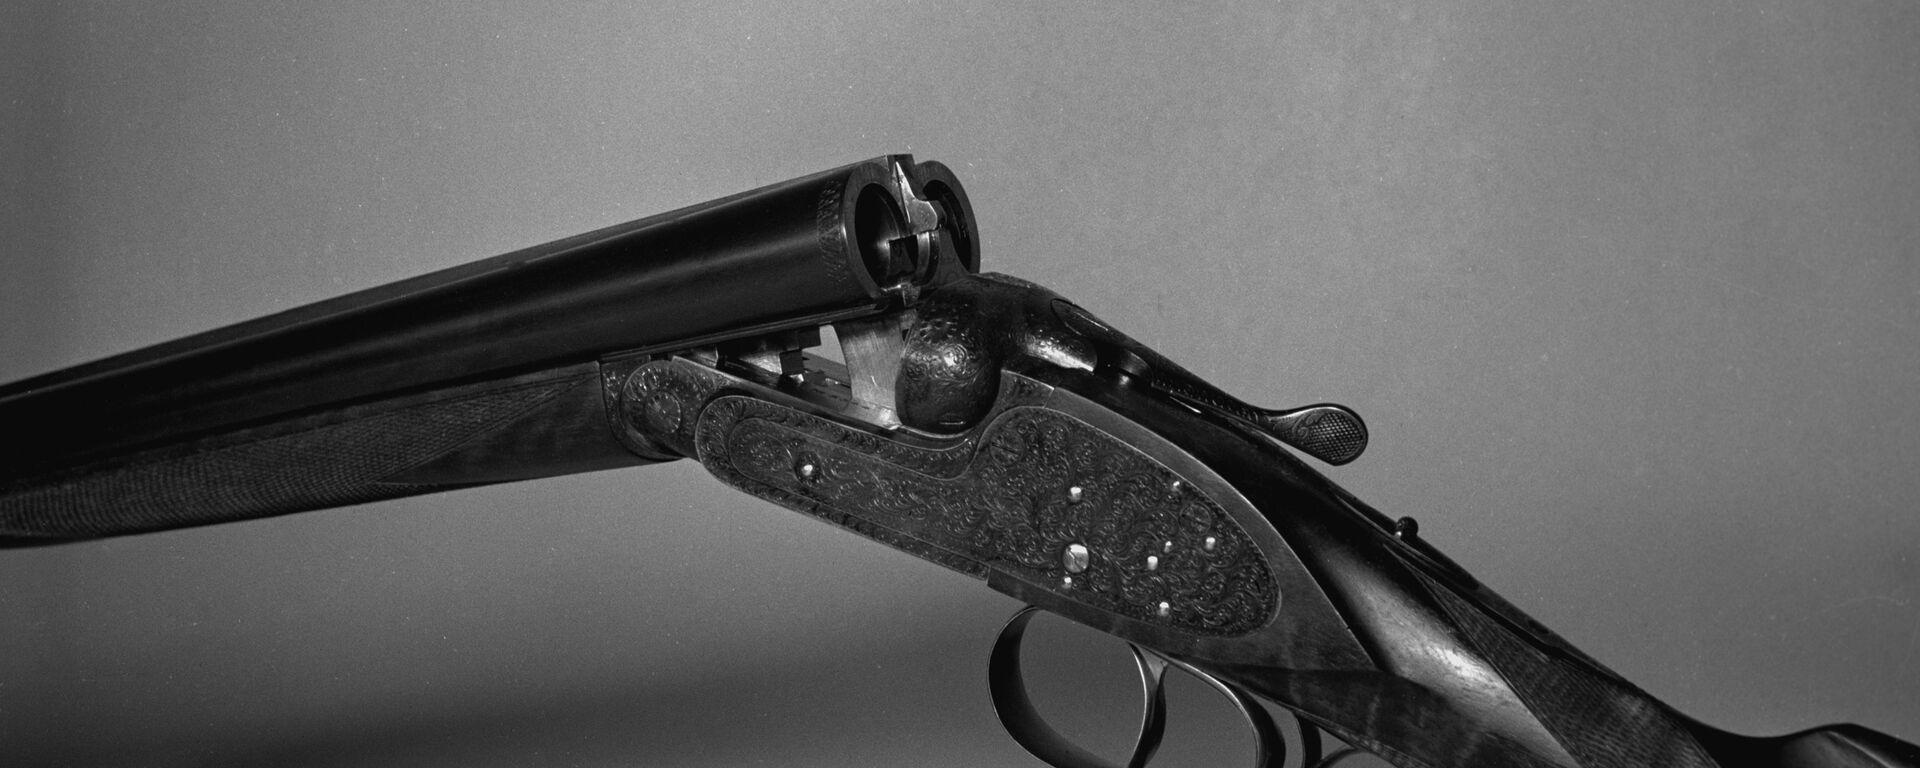 Охотничье двуствольное ружье с вертикально спаренными стволами МЦ-6 - Sputnik Латвия, 1920, 06.12.2020